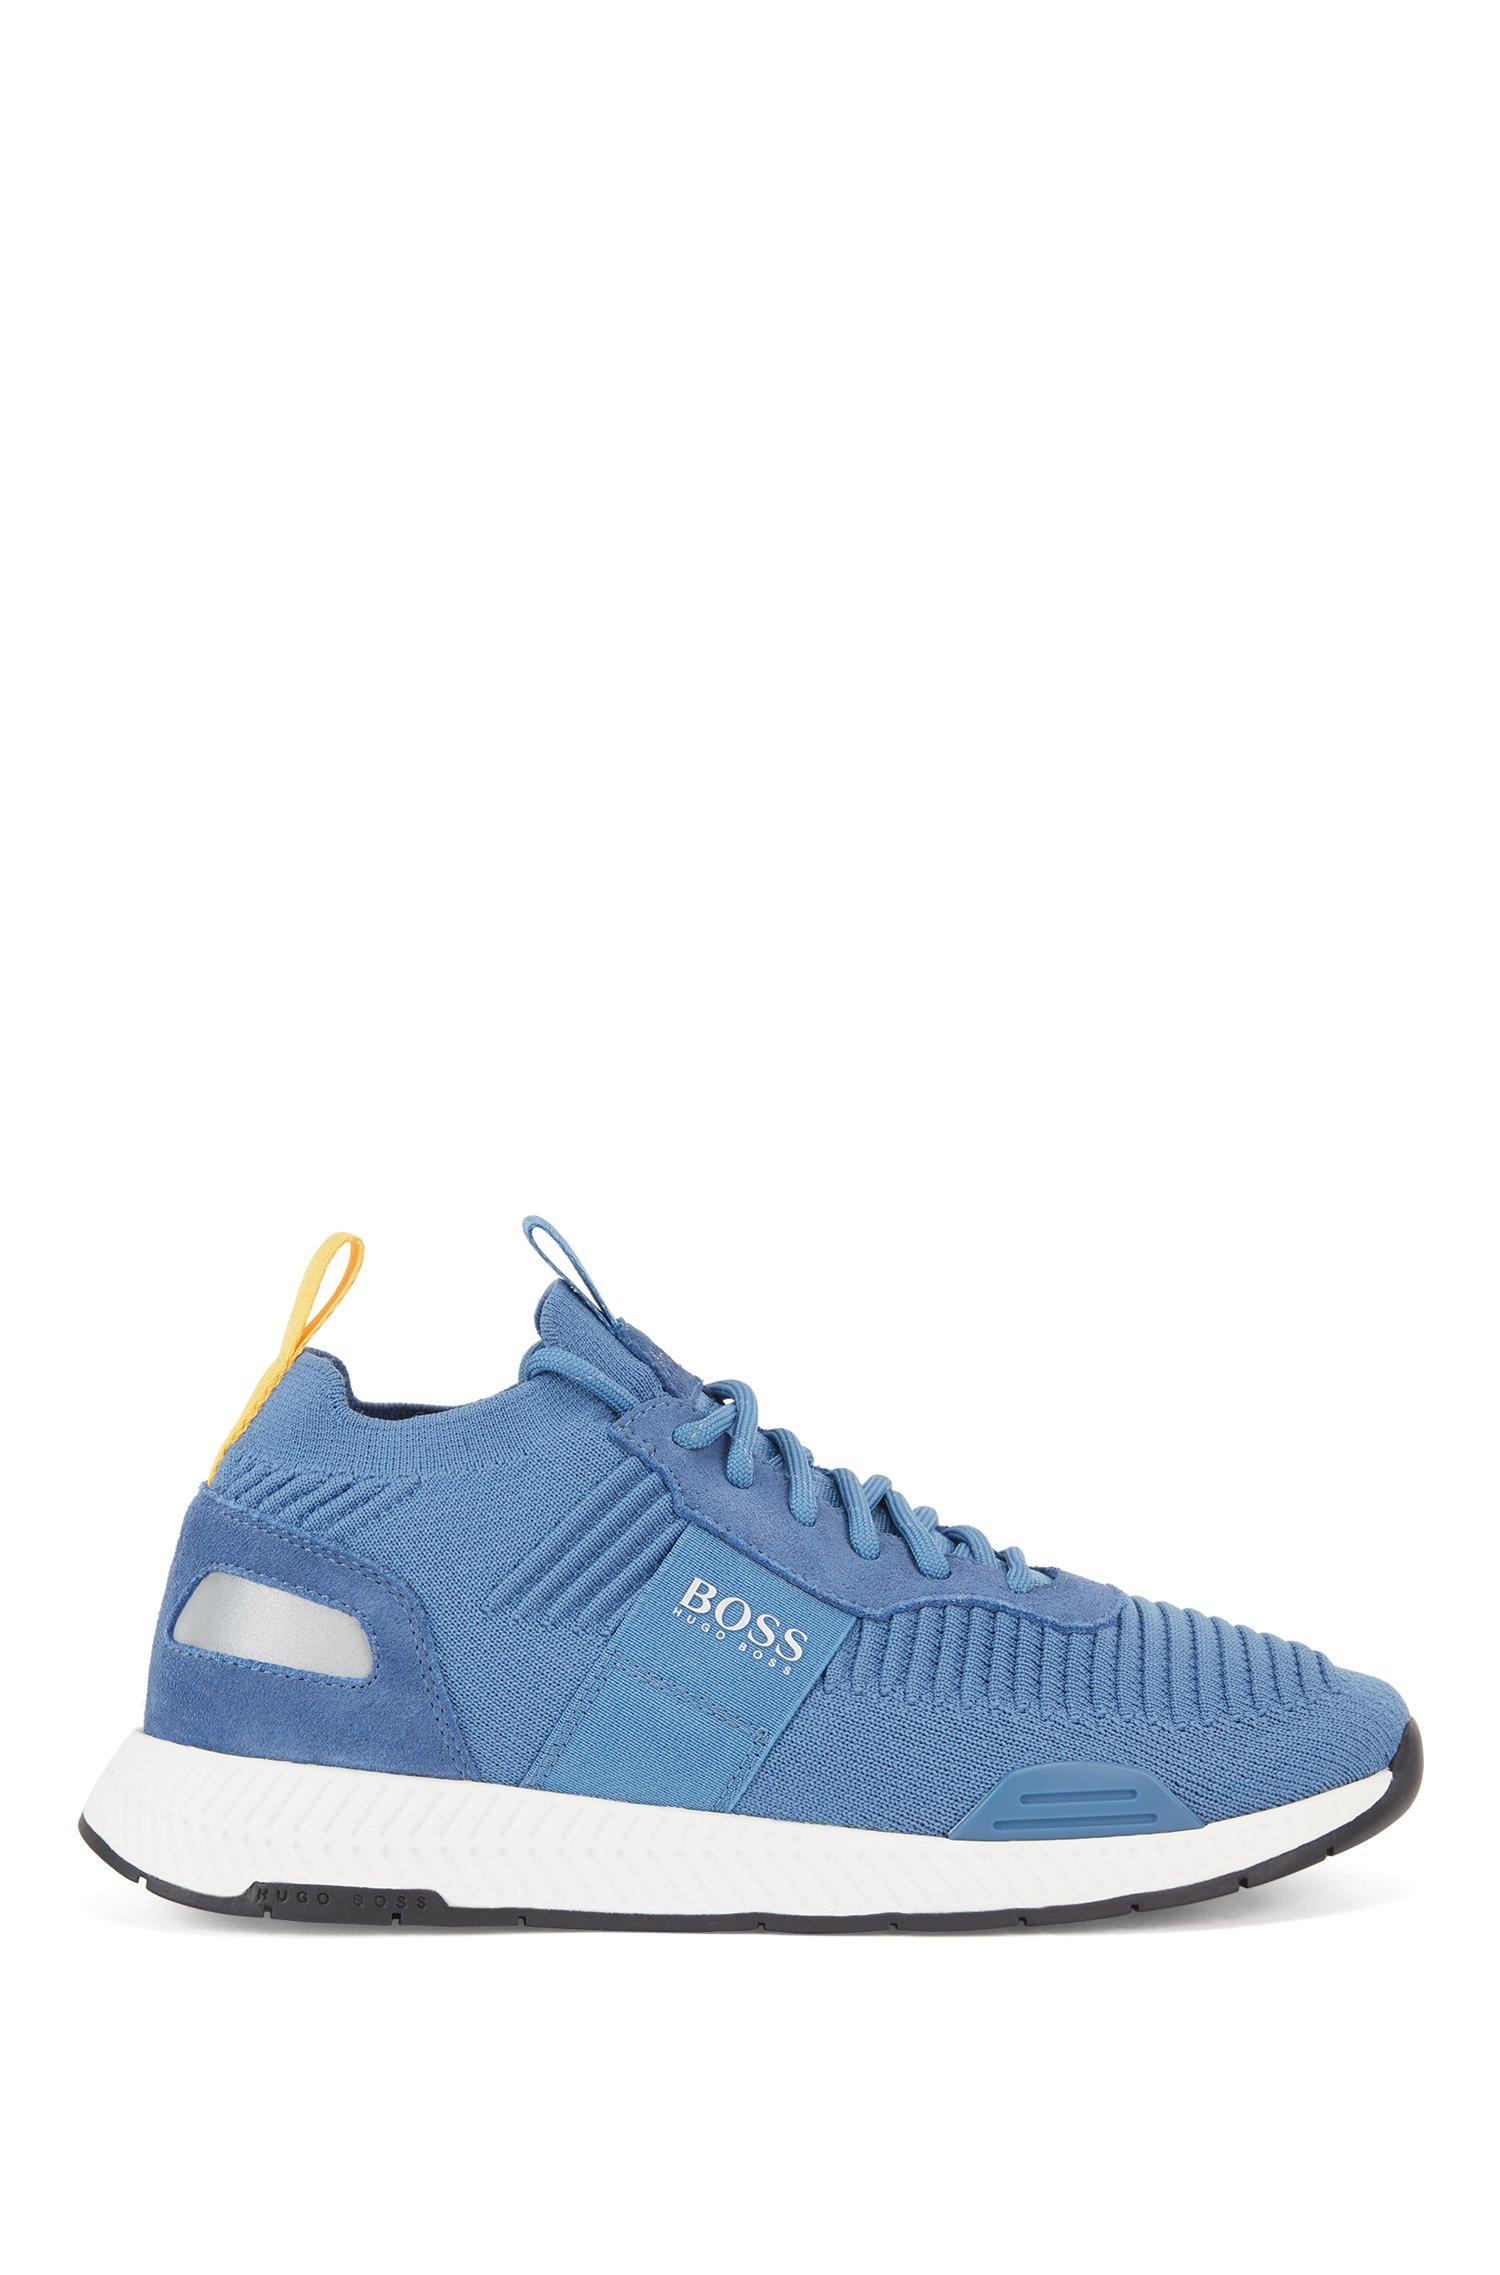 Baskets style chaussettes avec tige en maille REPREVE®, Bleu